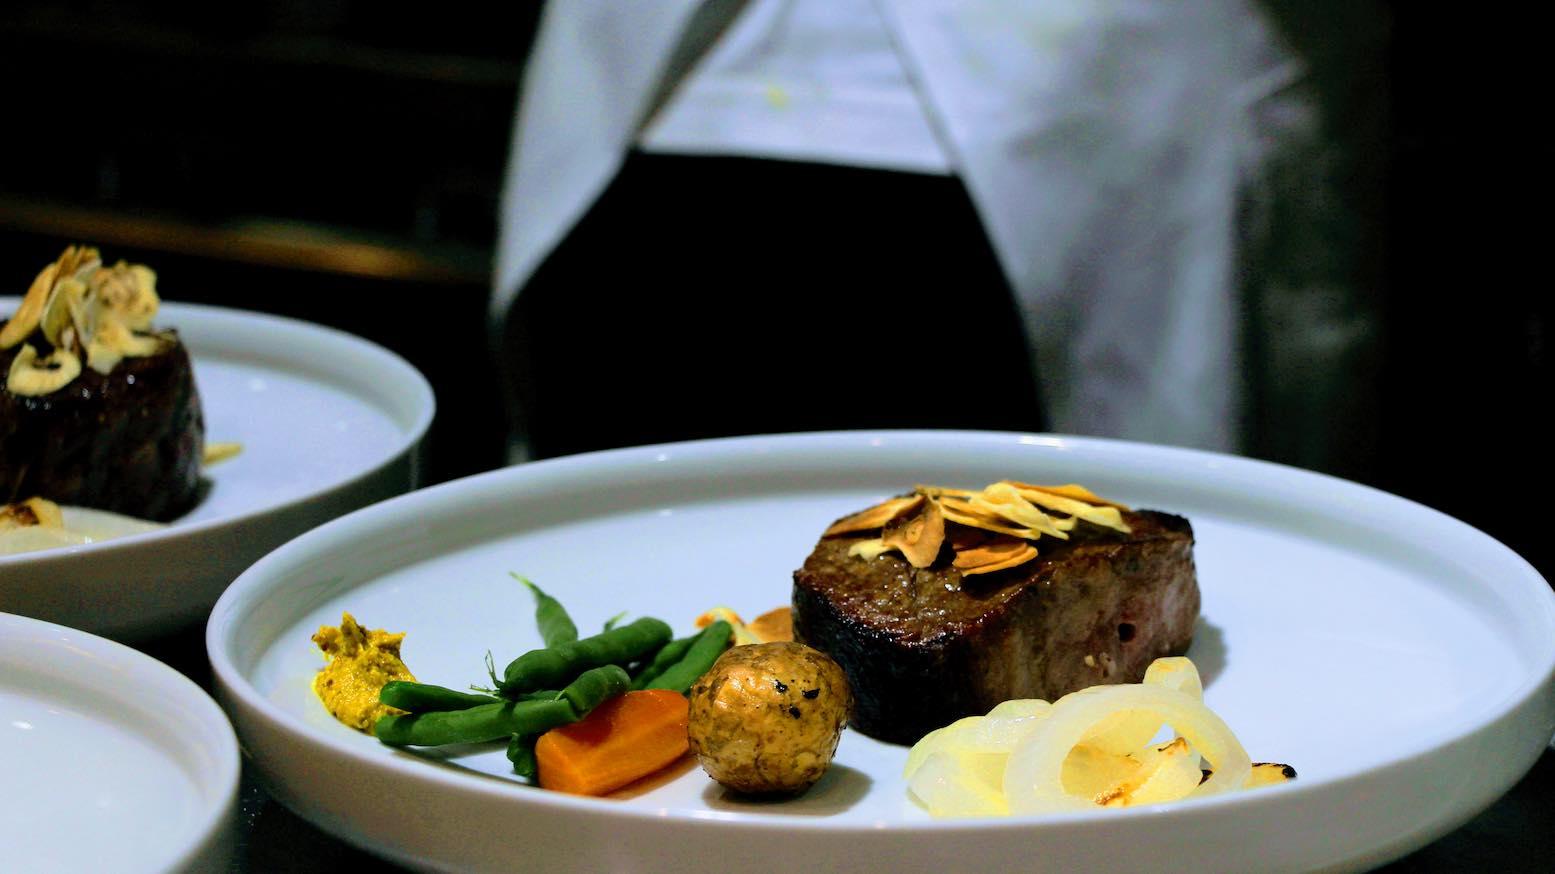 Beef wagyu steak at Shima, Tokyo